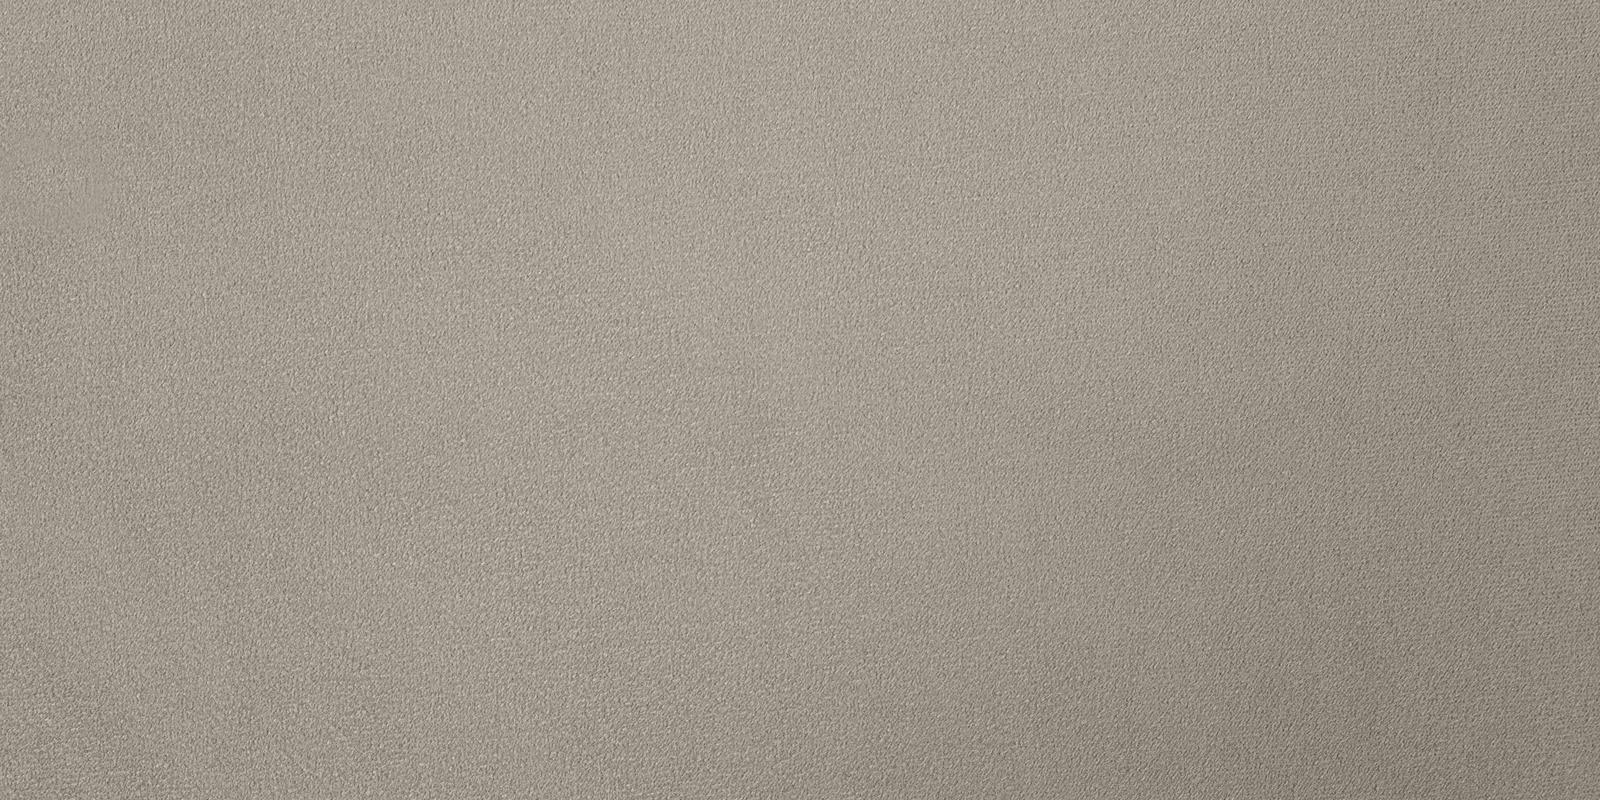 Диван тканевый угловой Хилтон cерый (Микровелюр)